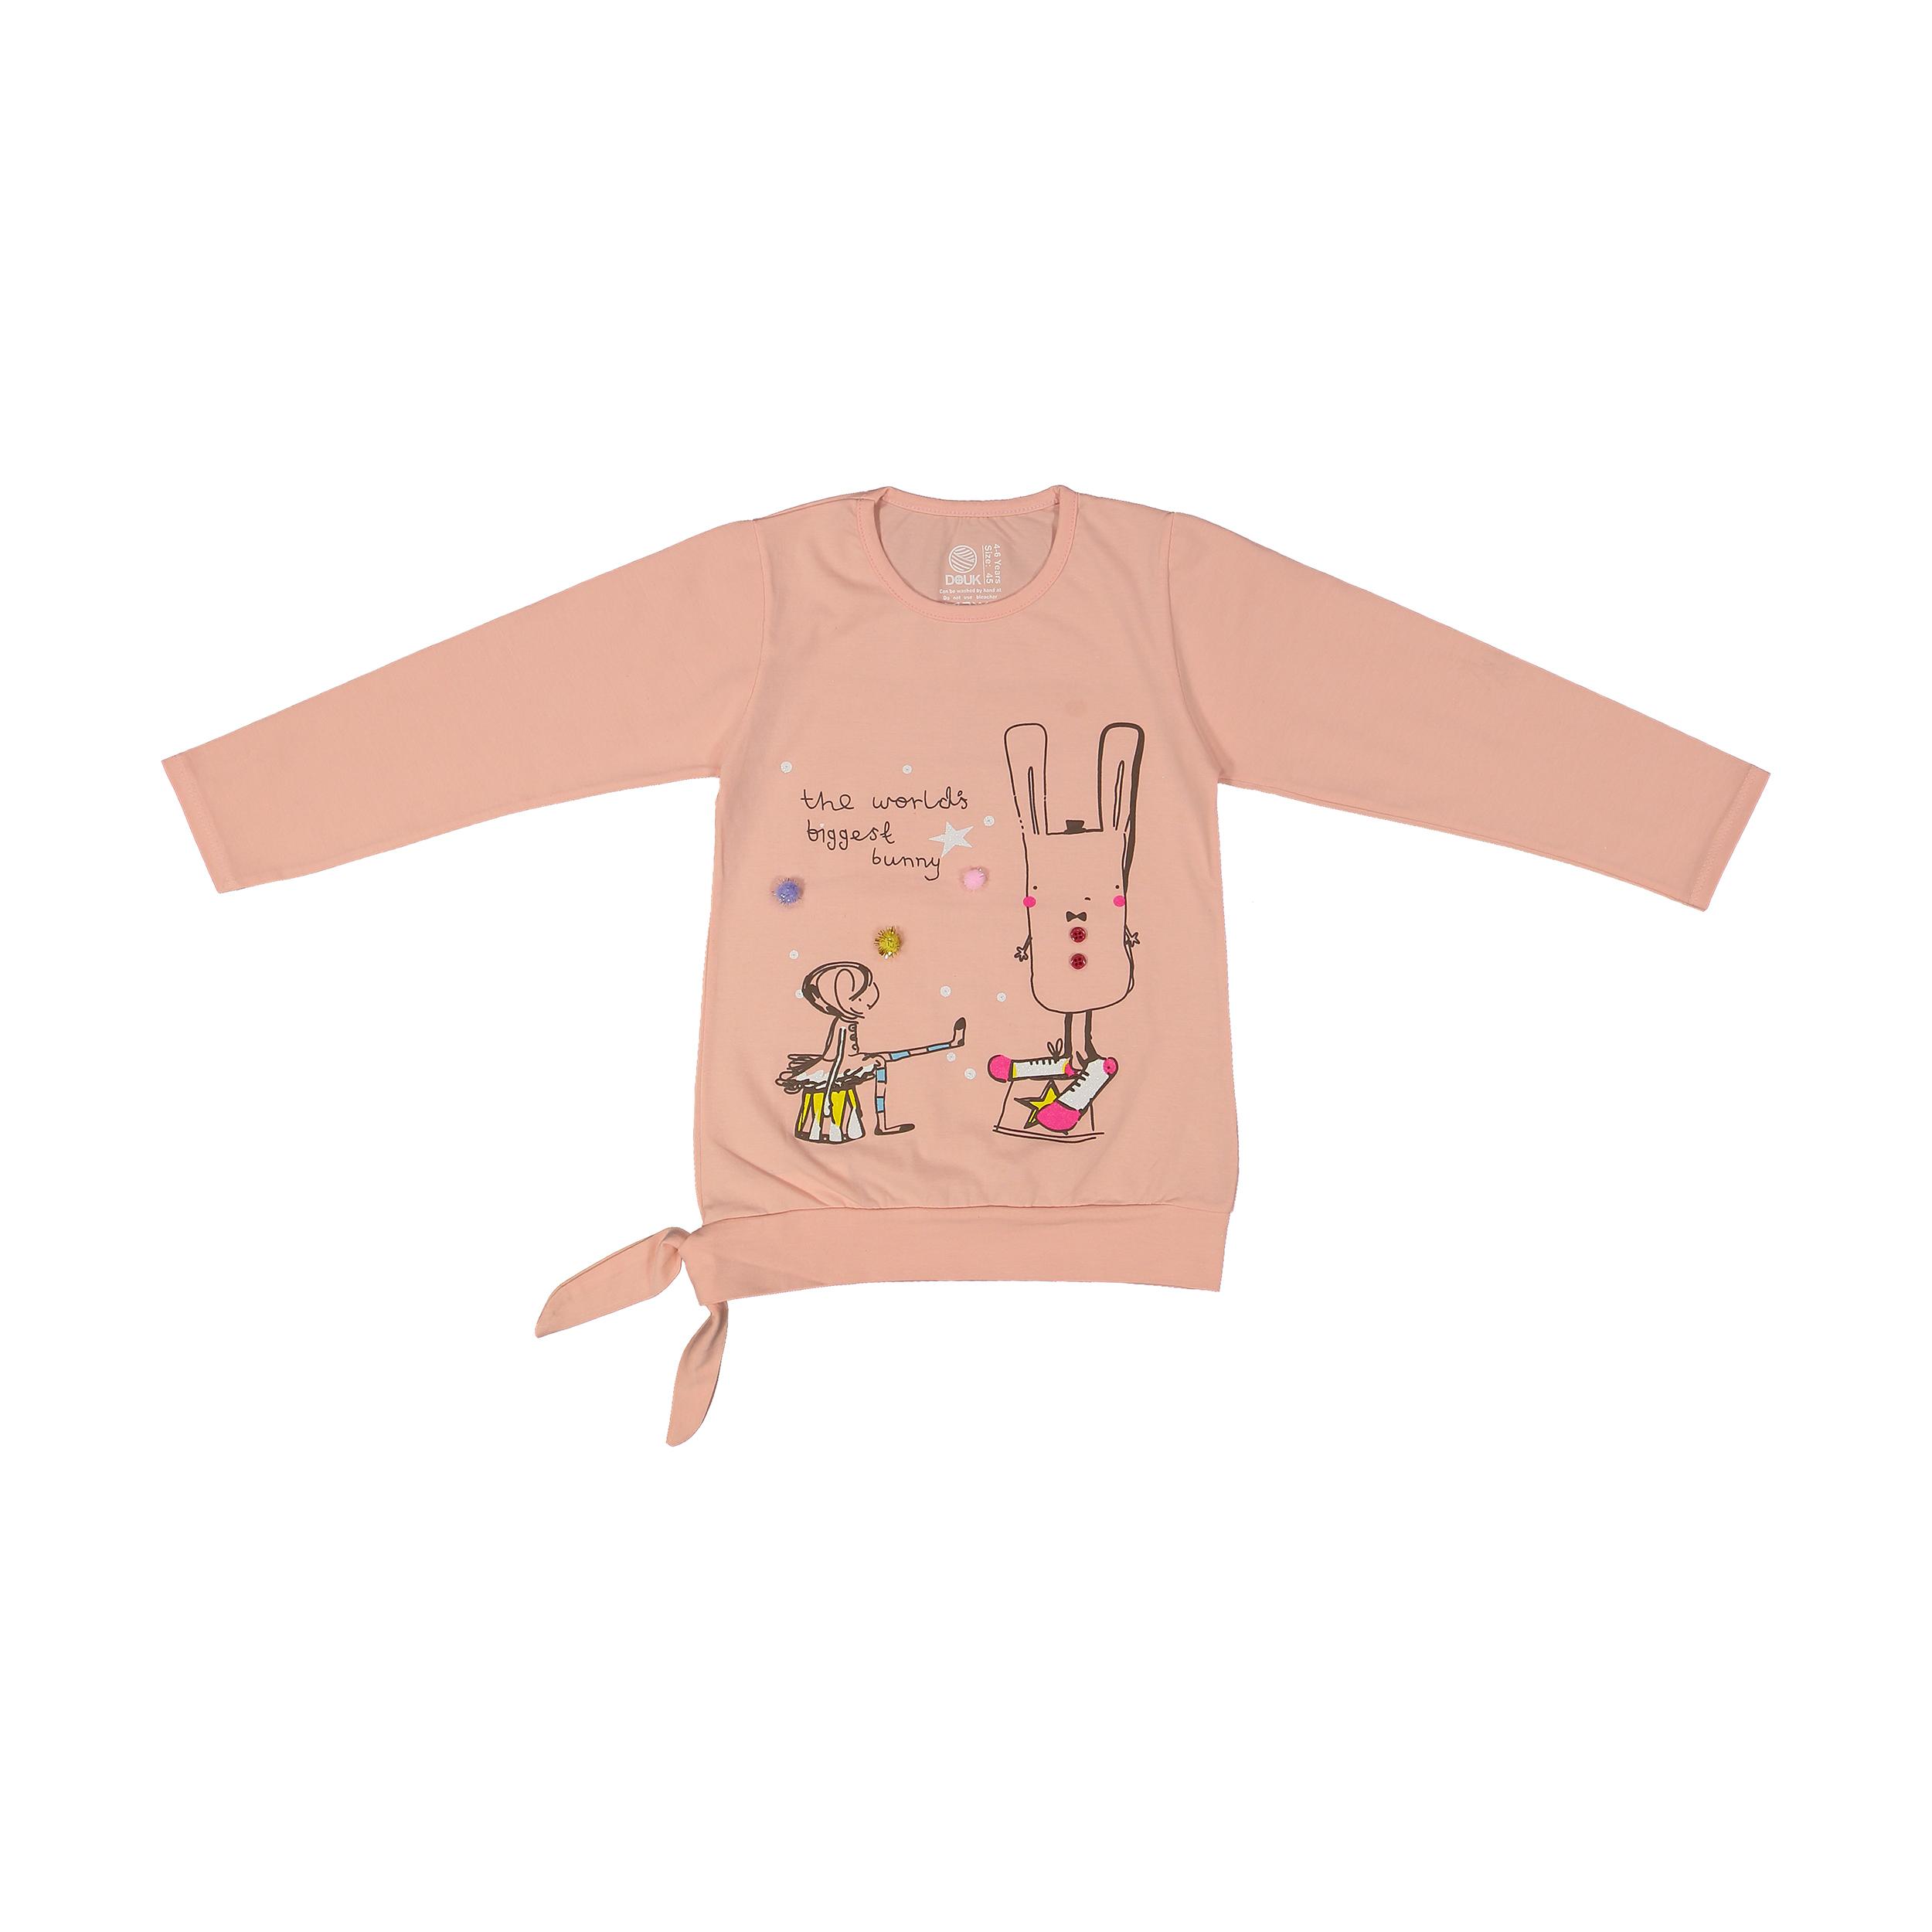 تی شرت دخترانه سون پون مدل 1391358-84 -  - 2